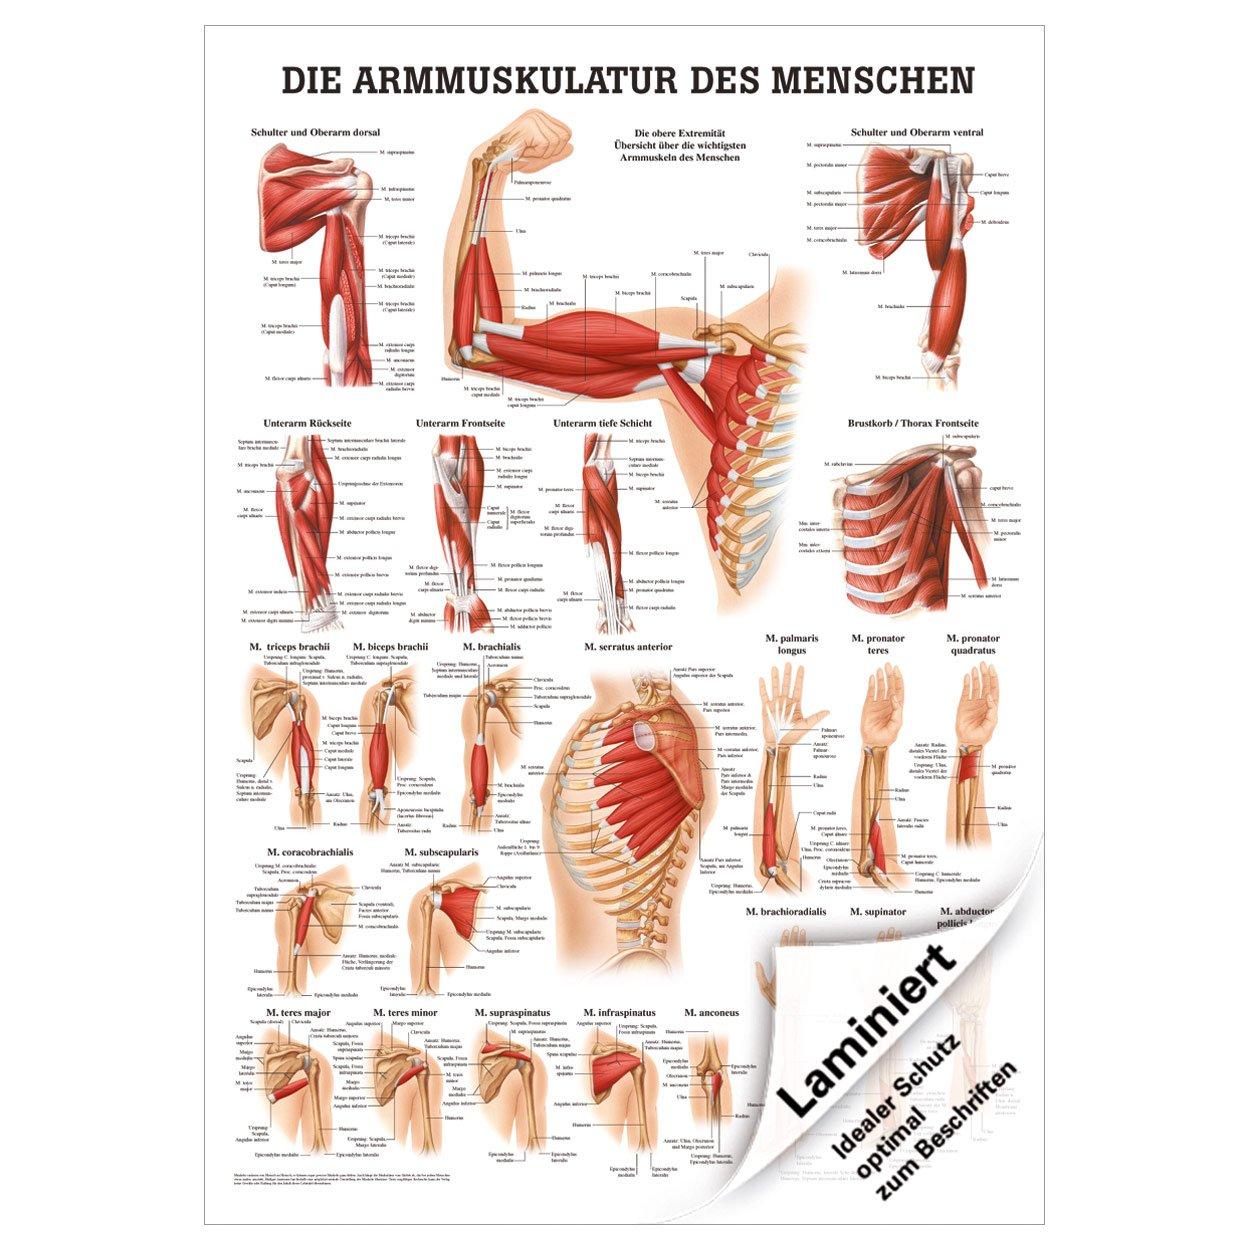 Großzügig Menschliche Anatomie Poster Galerie - Physiologie Von ...